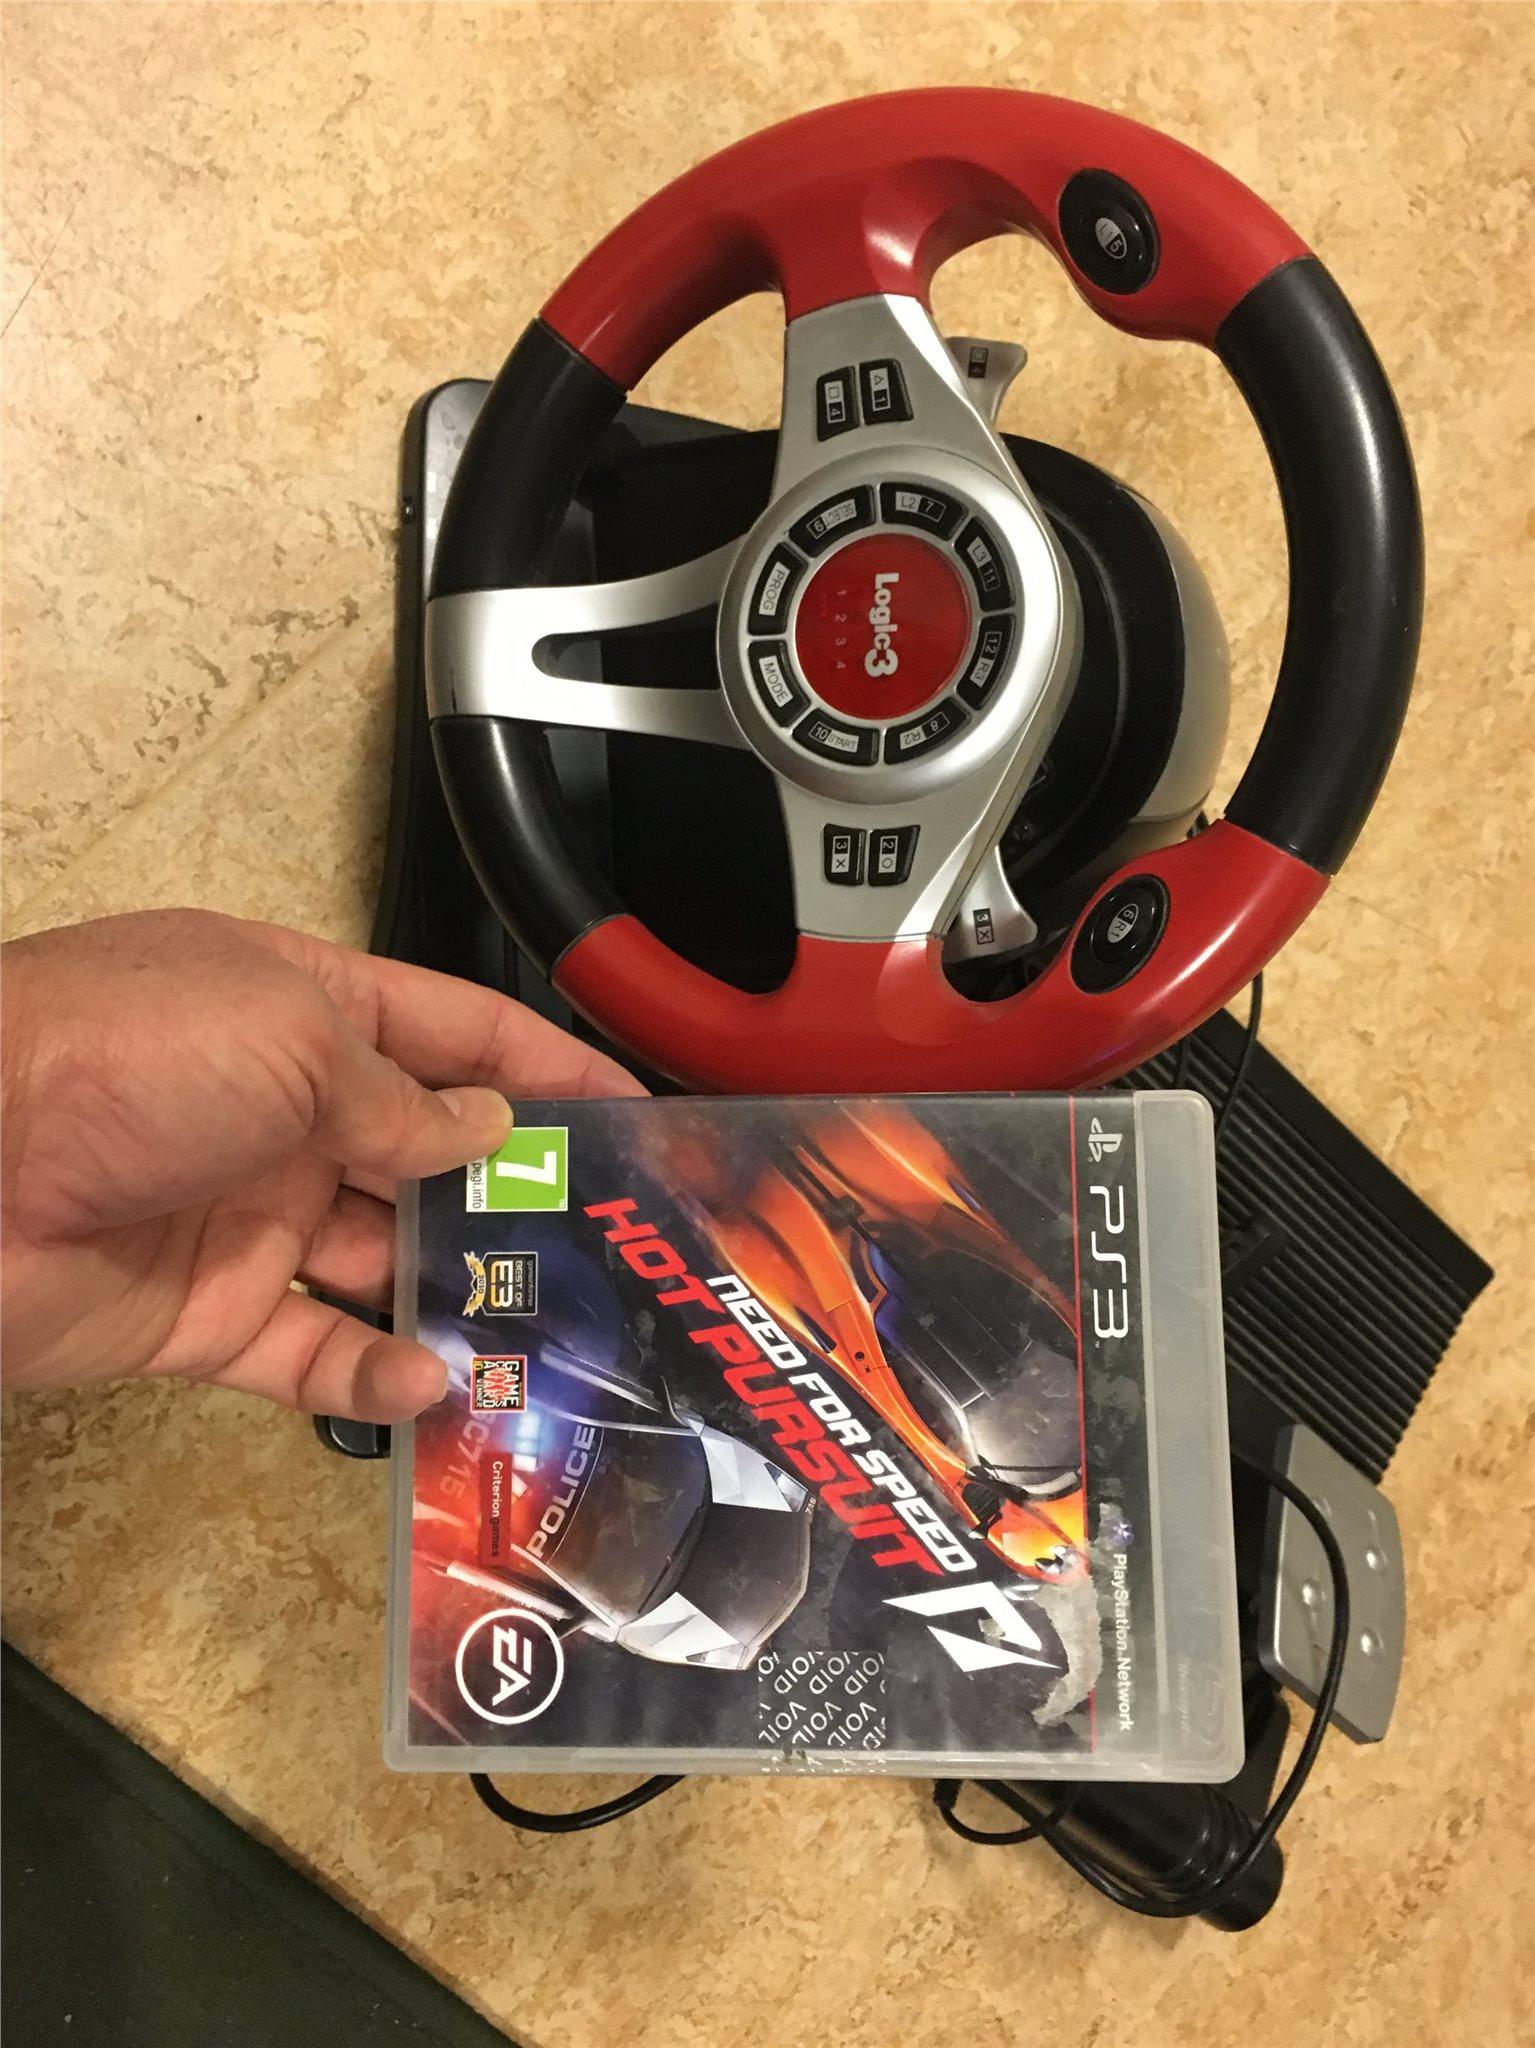 Playstation Wheel For Ps3 Ps4 Med Ett Bra Spel 336105238 ᐈ Köp